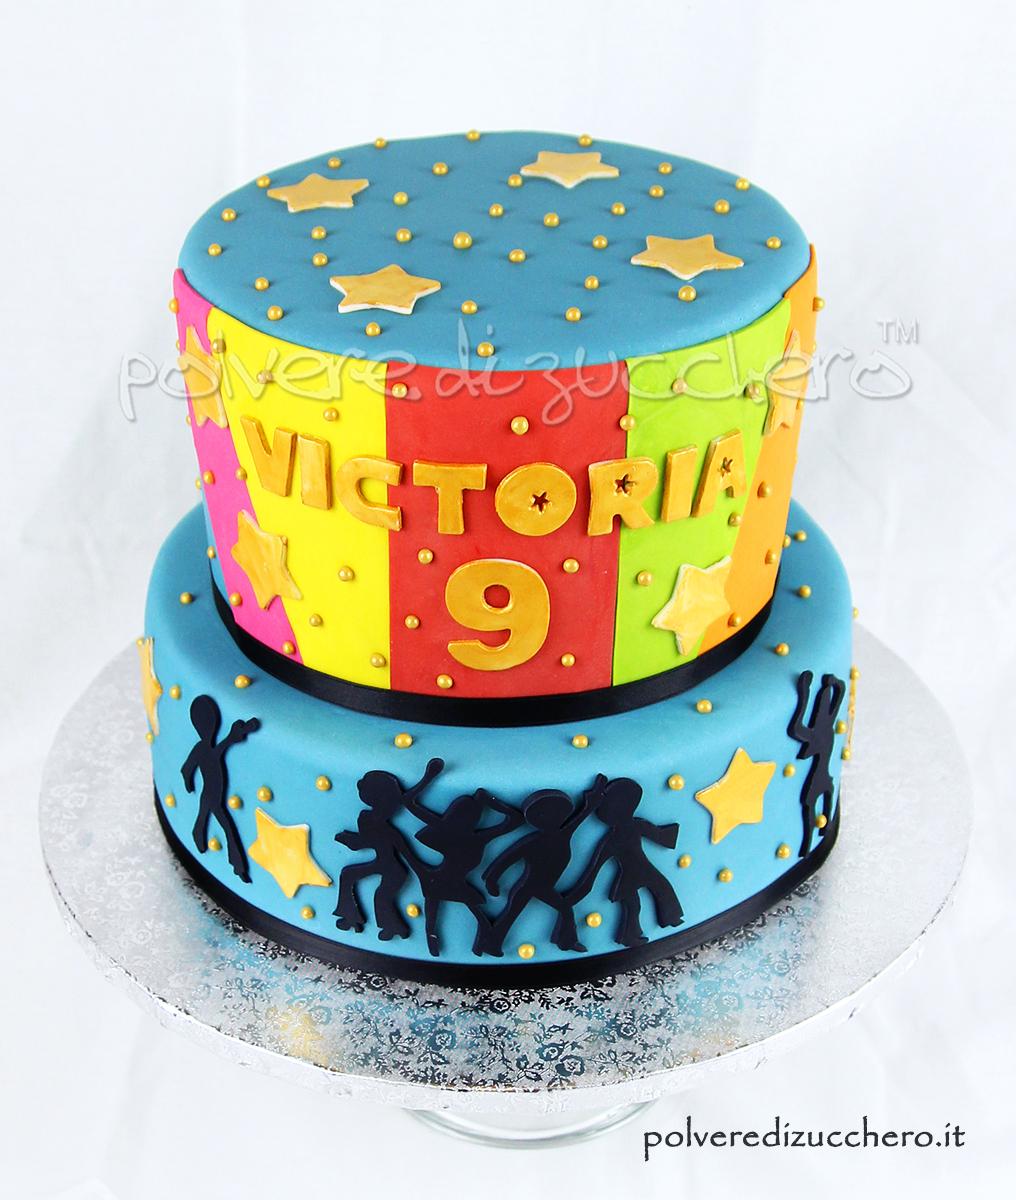 torta decorata disco music party festa compleanno bambina torta a due piani cake design polvere di zucchero